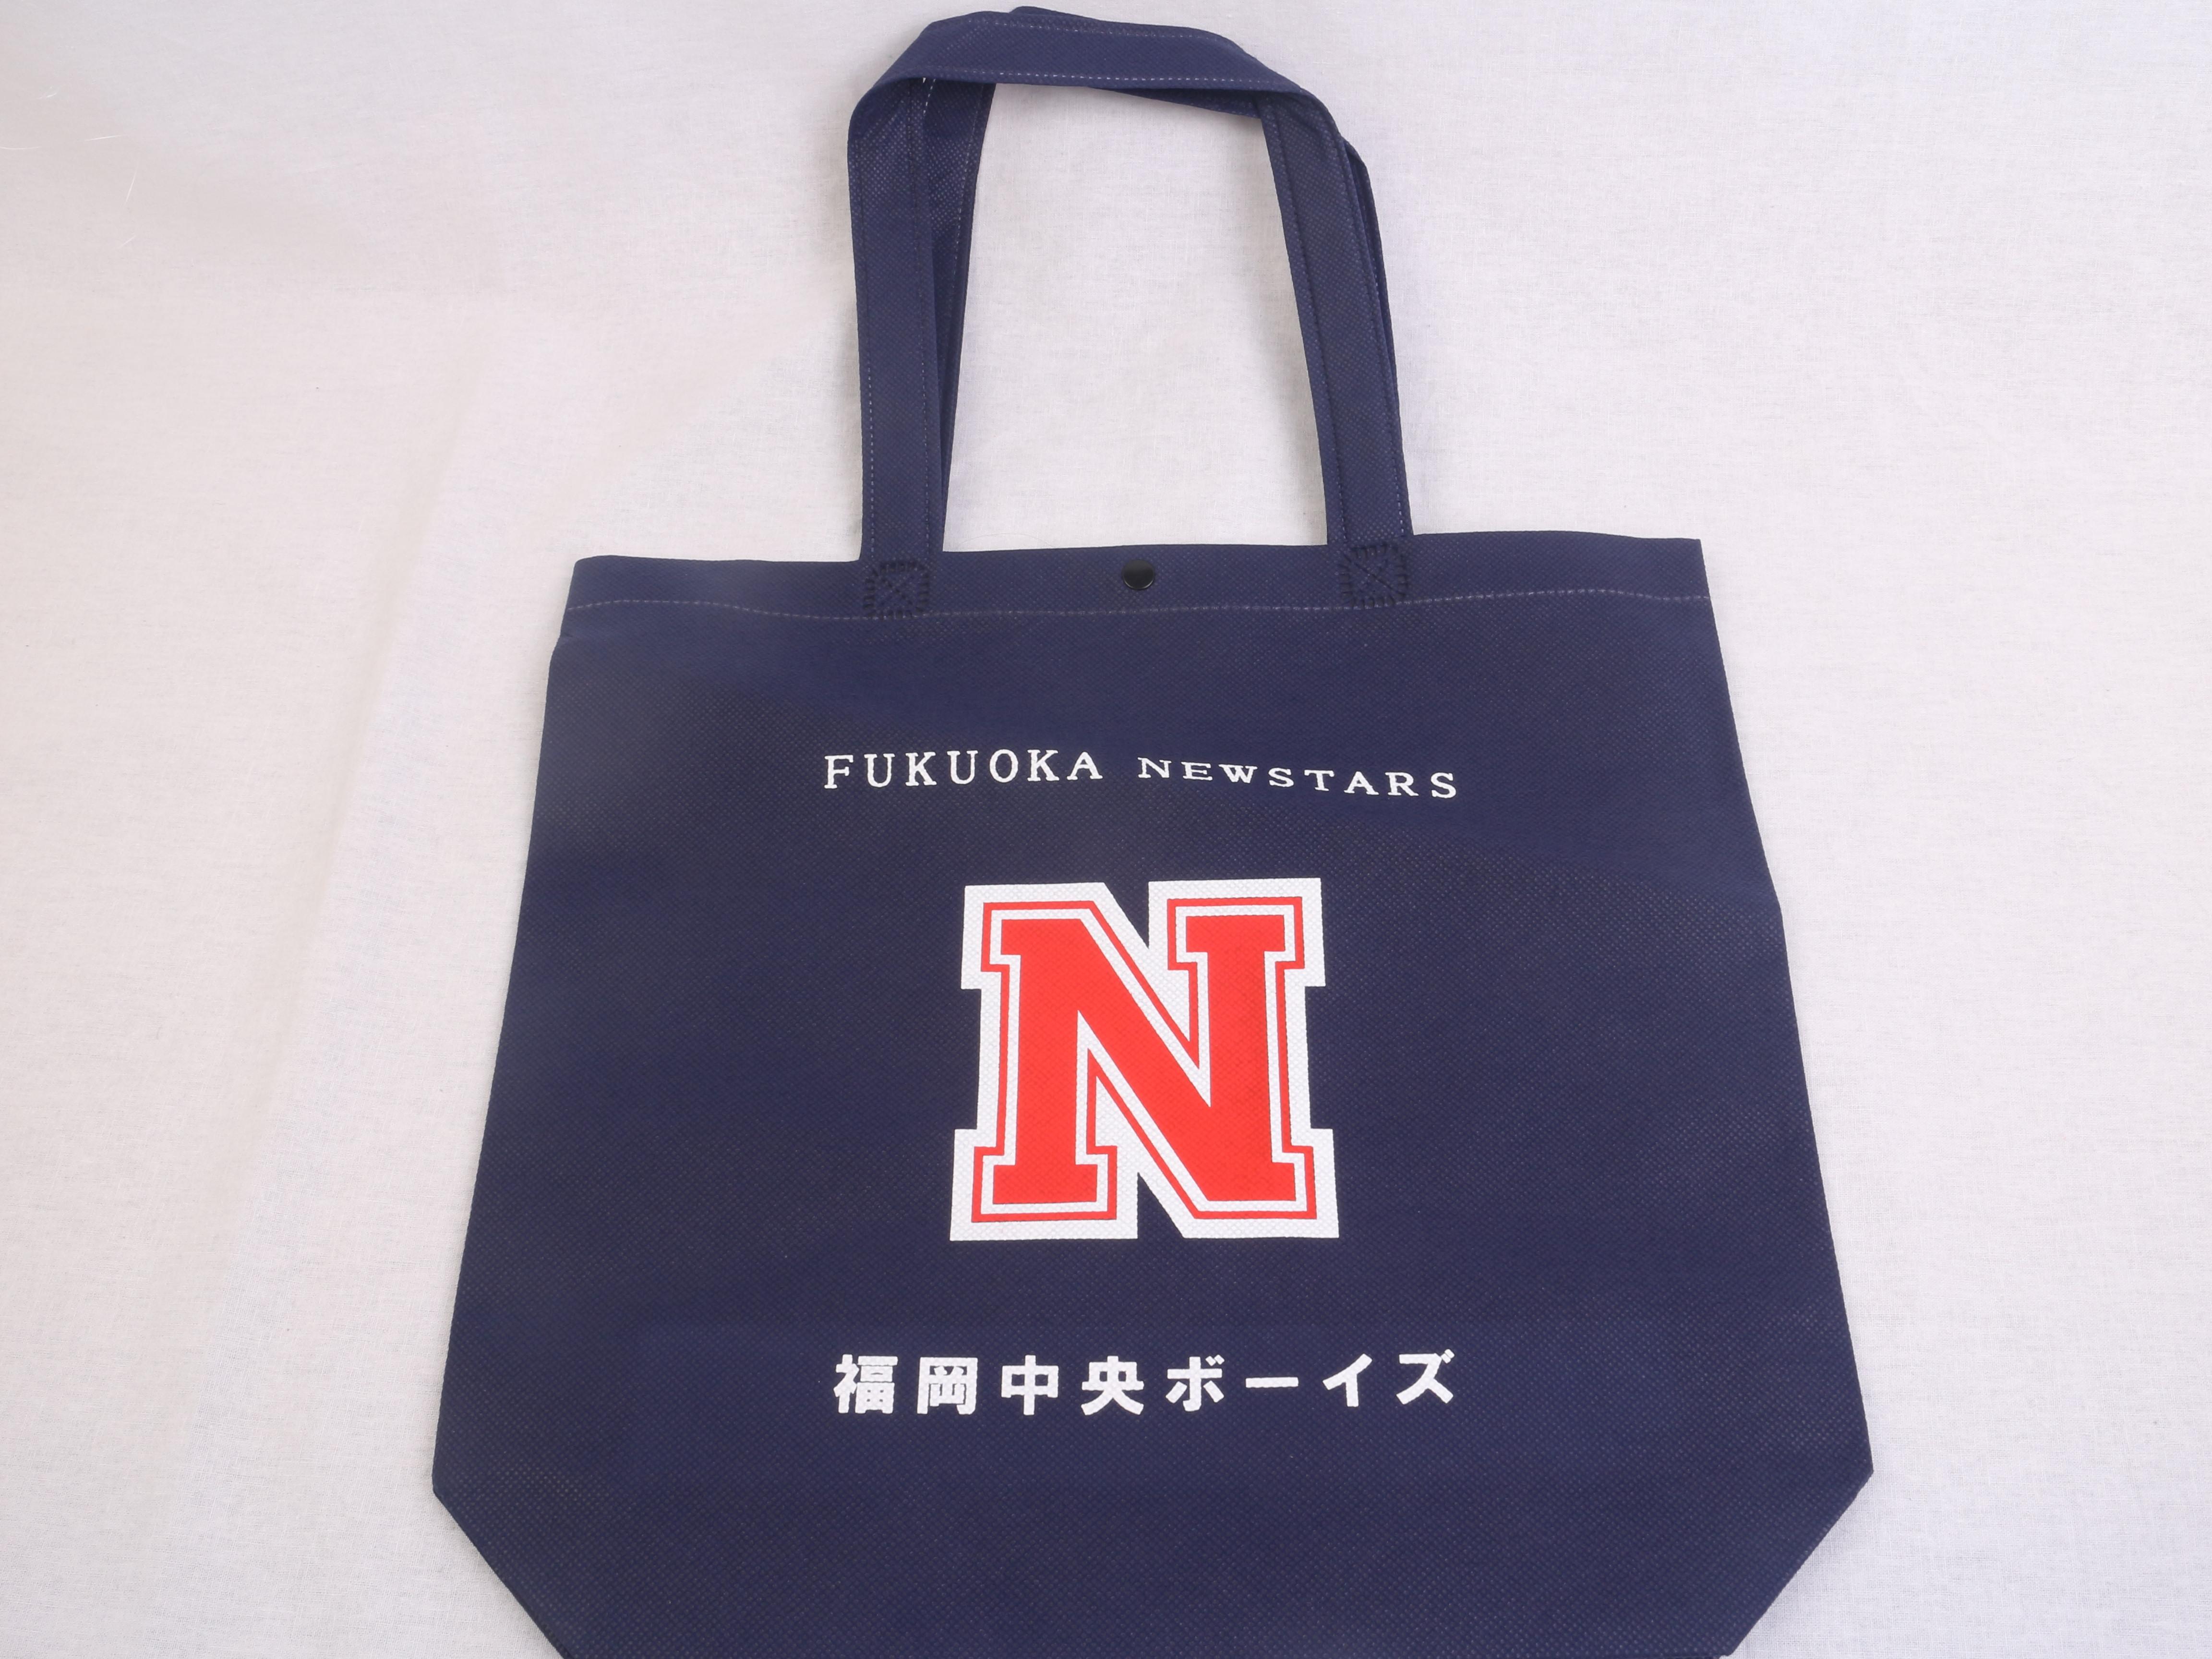 福岡県のスポーツチーム様のオリジナル不織布バッグ